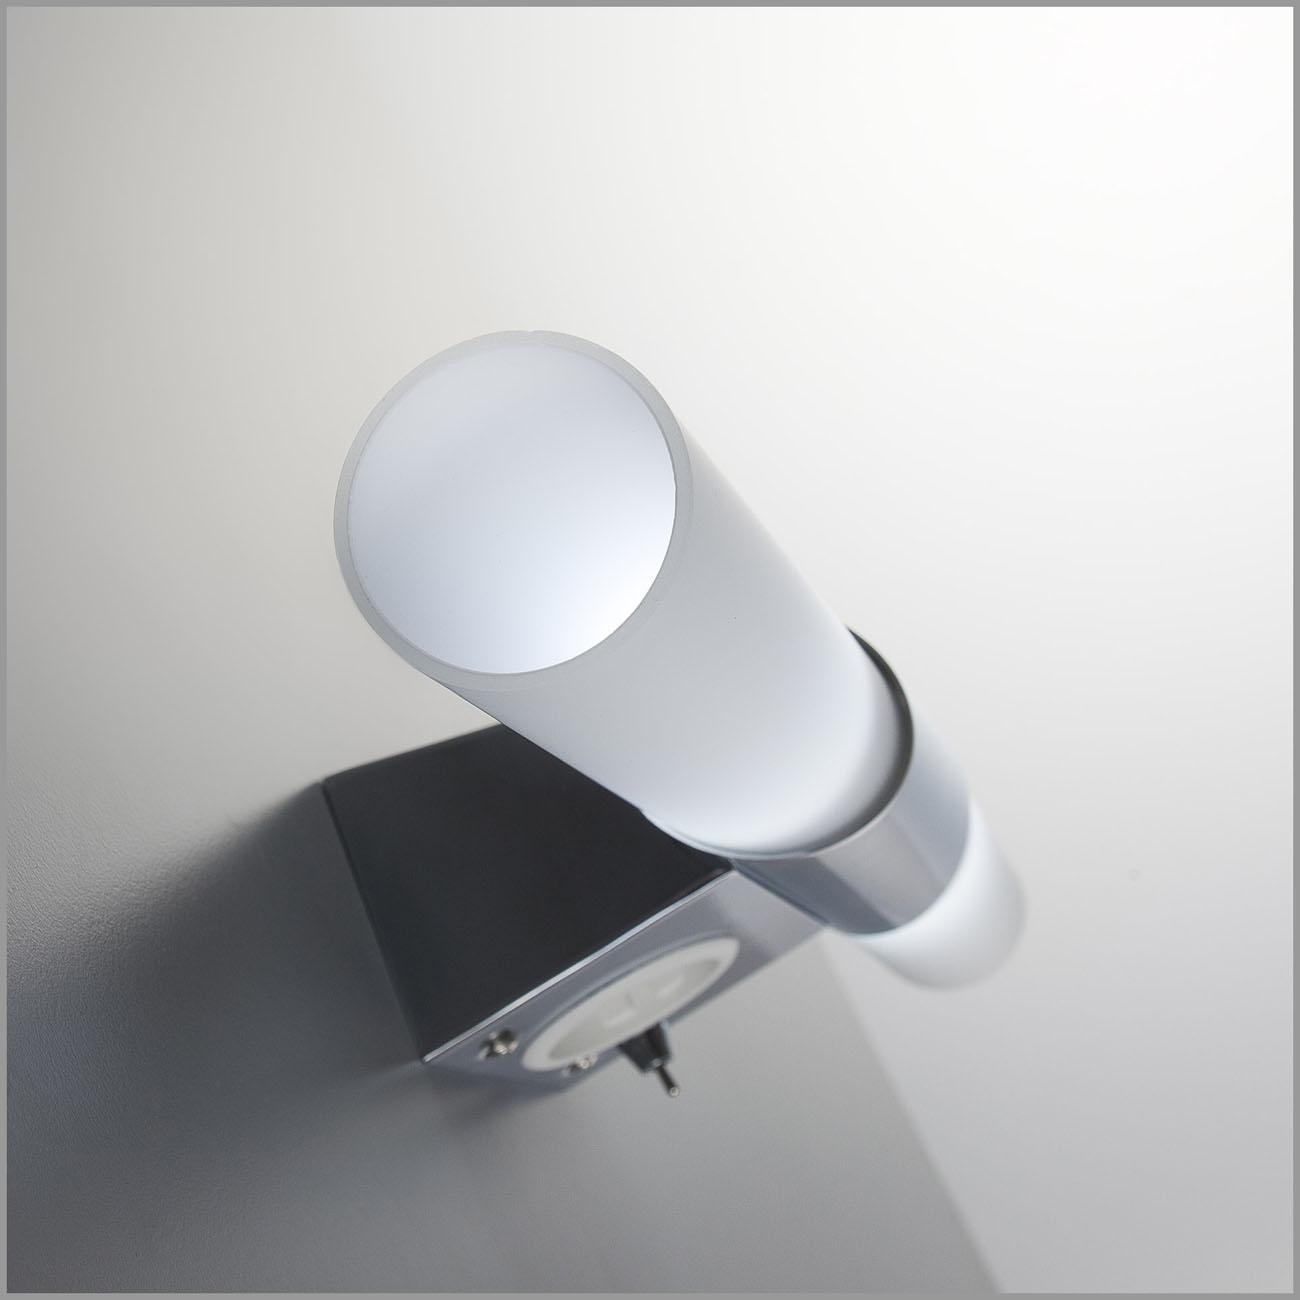 LED Spiegelleuchte Badlampe mit Steckdose 2xE14  - 4